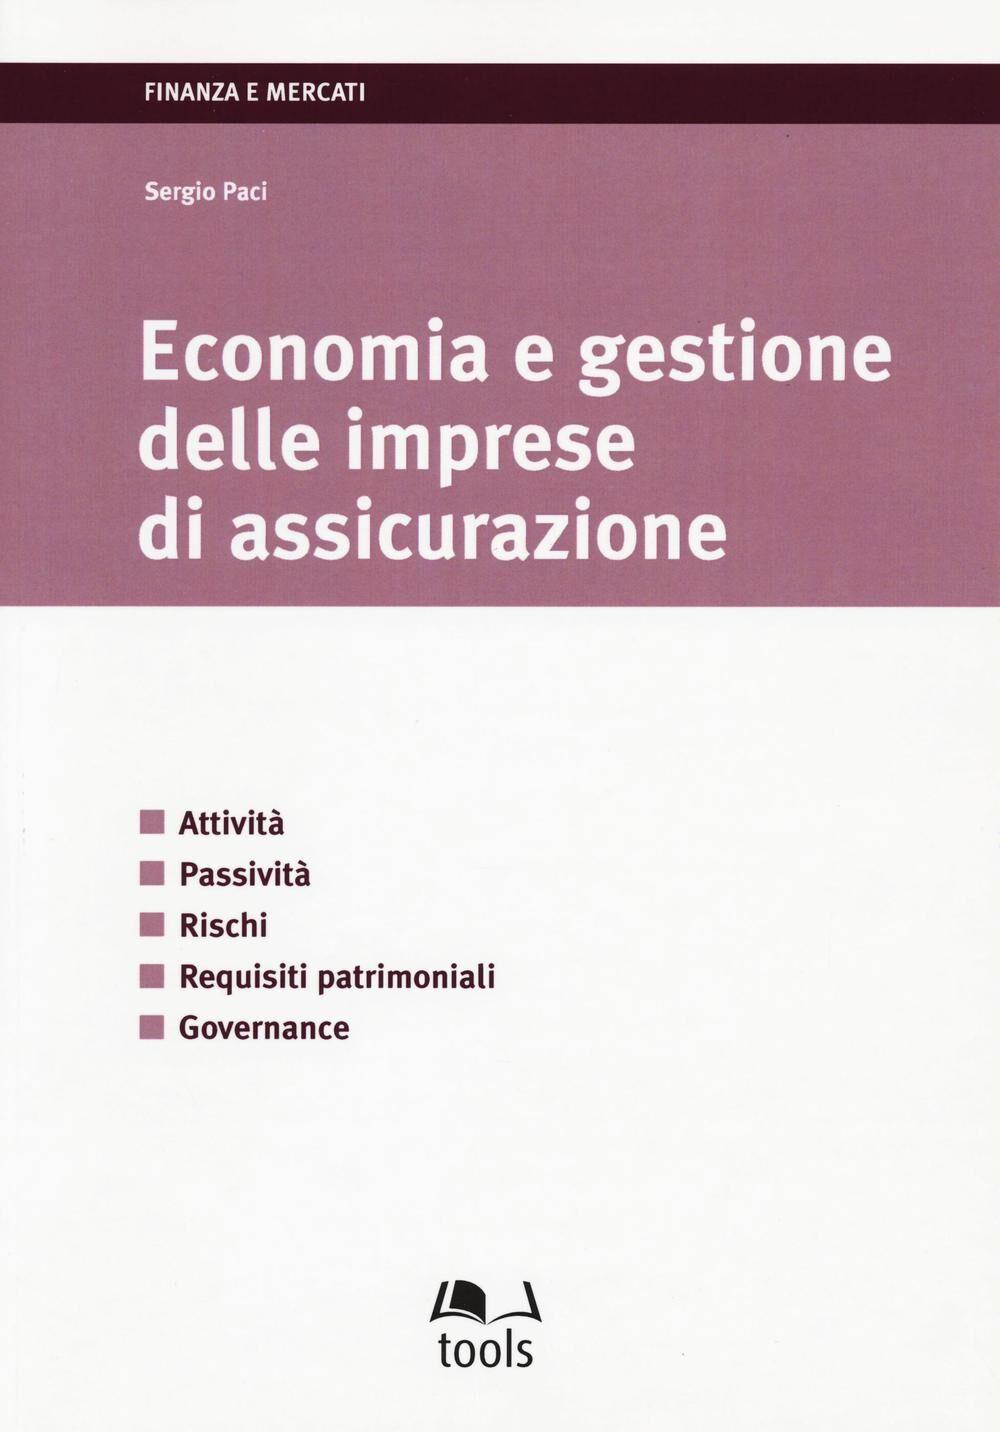 Economia gestione delle imprese di assicurazione